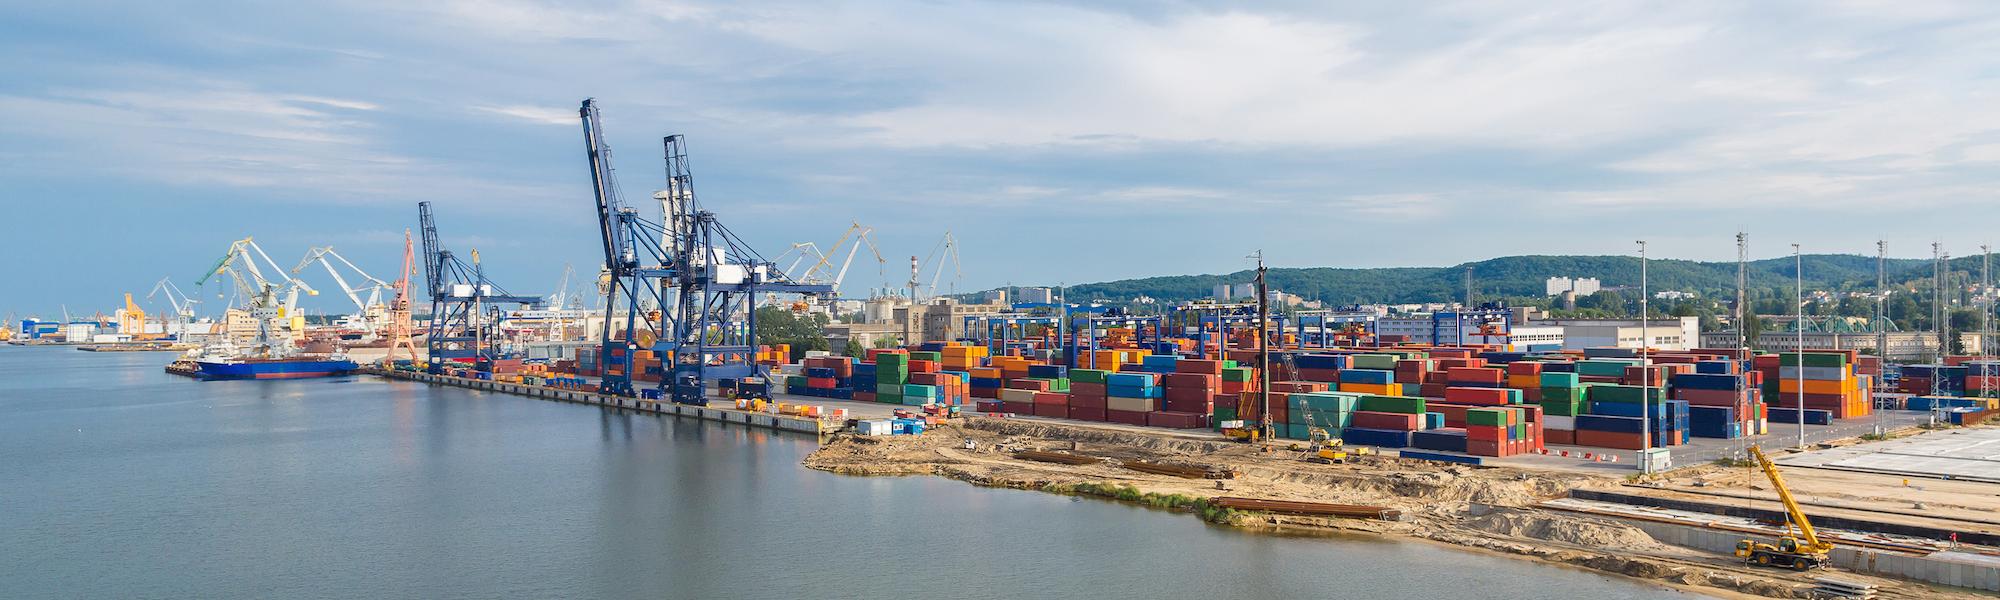 Detención Portuaria de Buque por Autoridad Marítima